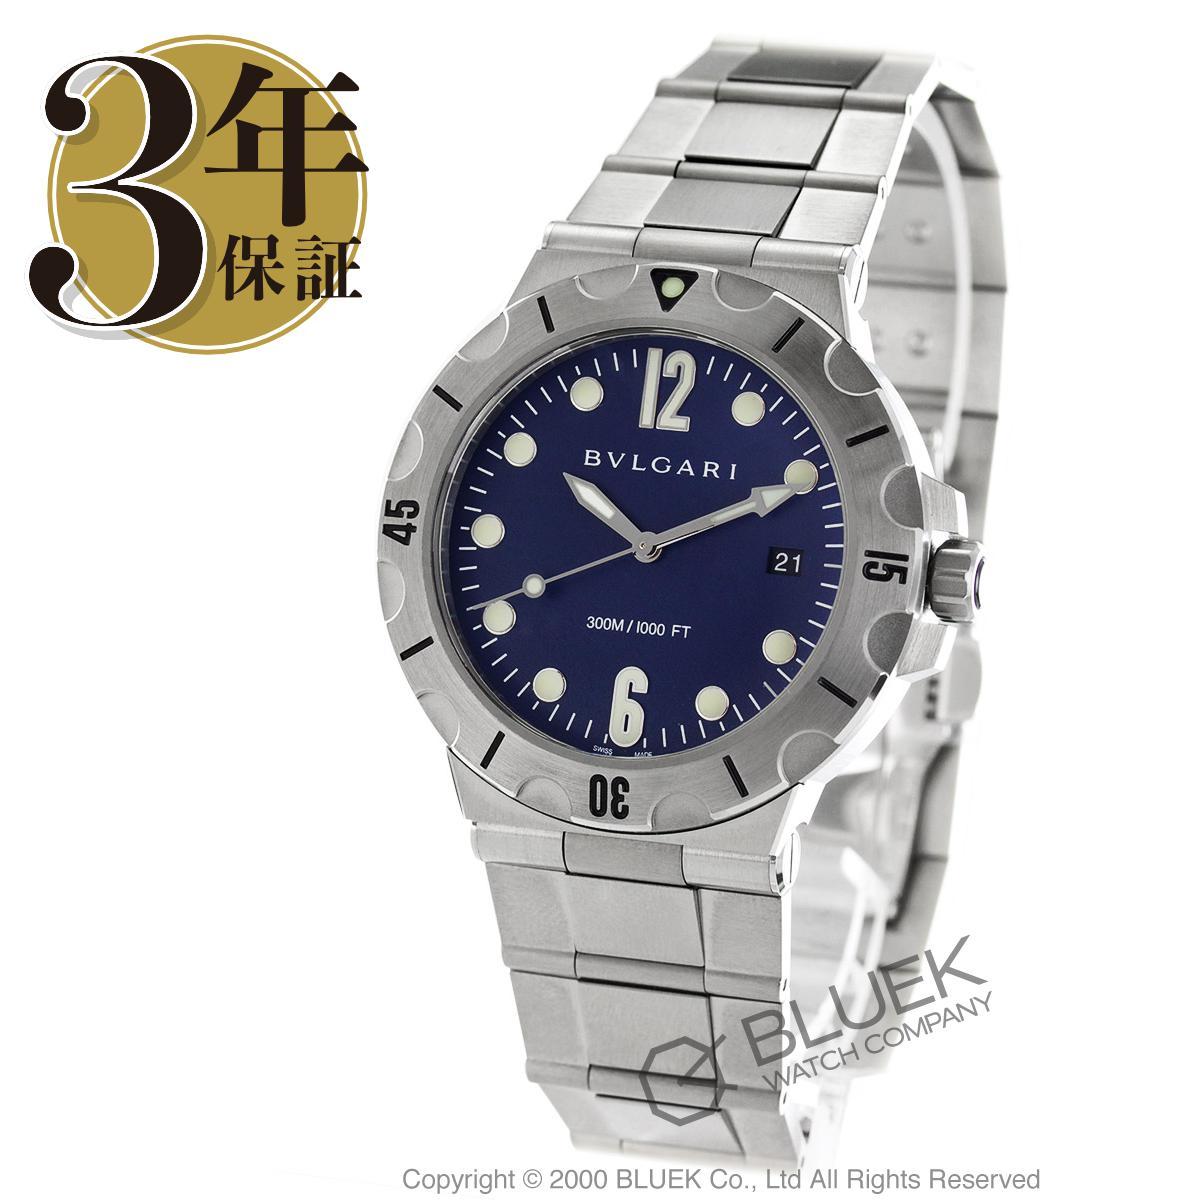 ブルガリ ディアゴノ プロフェッショナル スクーバ 300m防水 腕時計 メンズ BVLGARI DP41C3SSSD_8